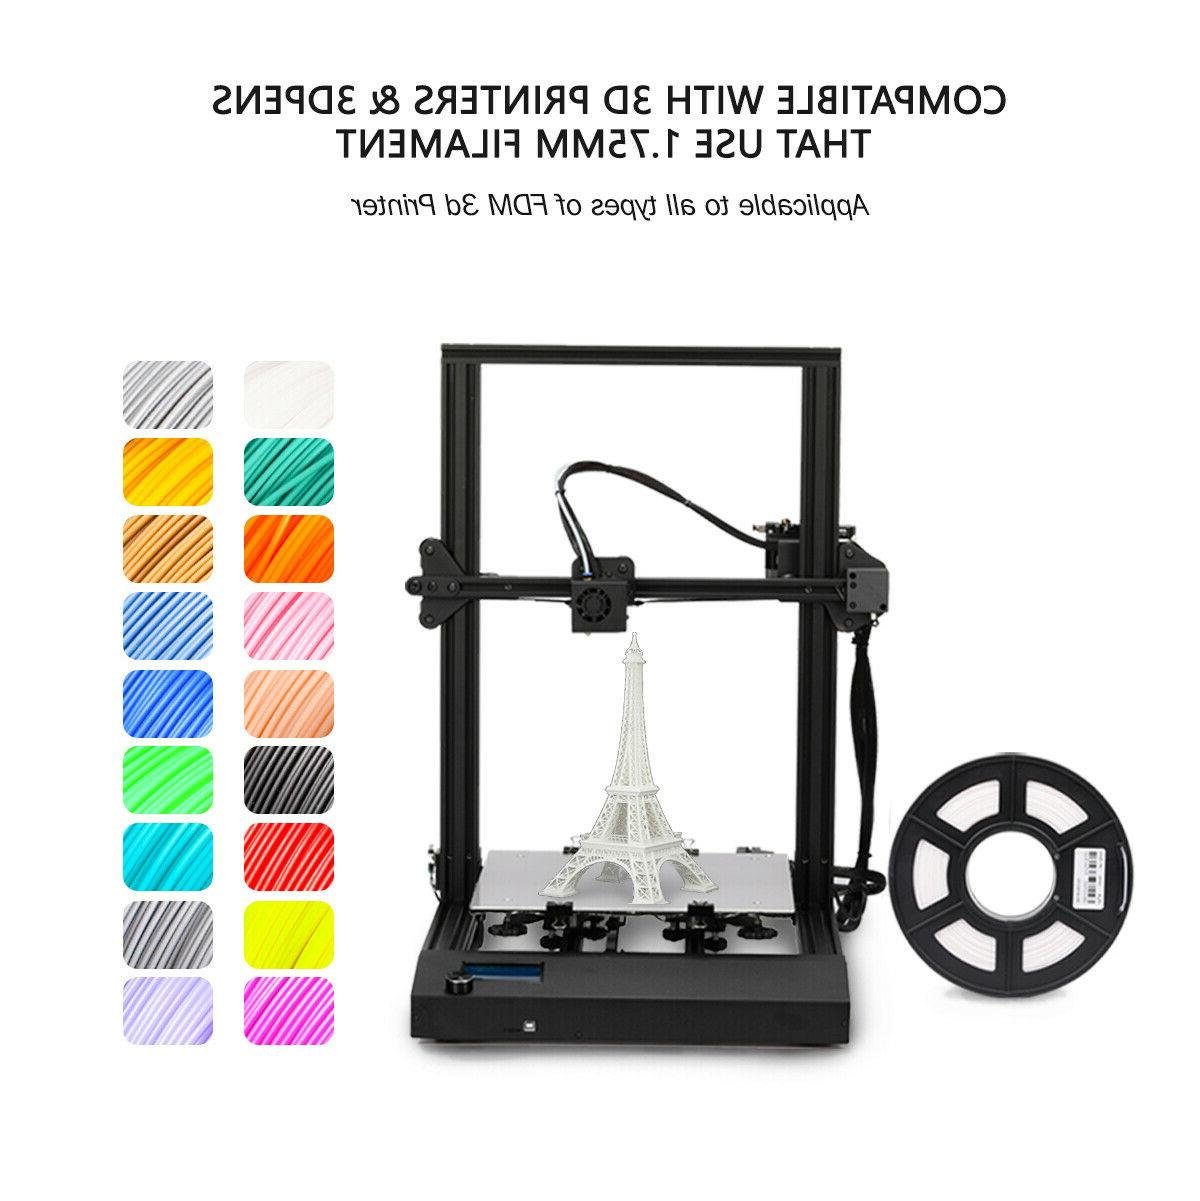 SUNLU 3D 1.75mm PLA SILK 1kg/2.2lb Color